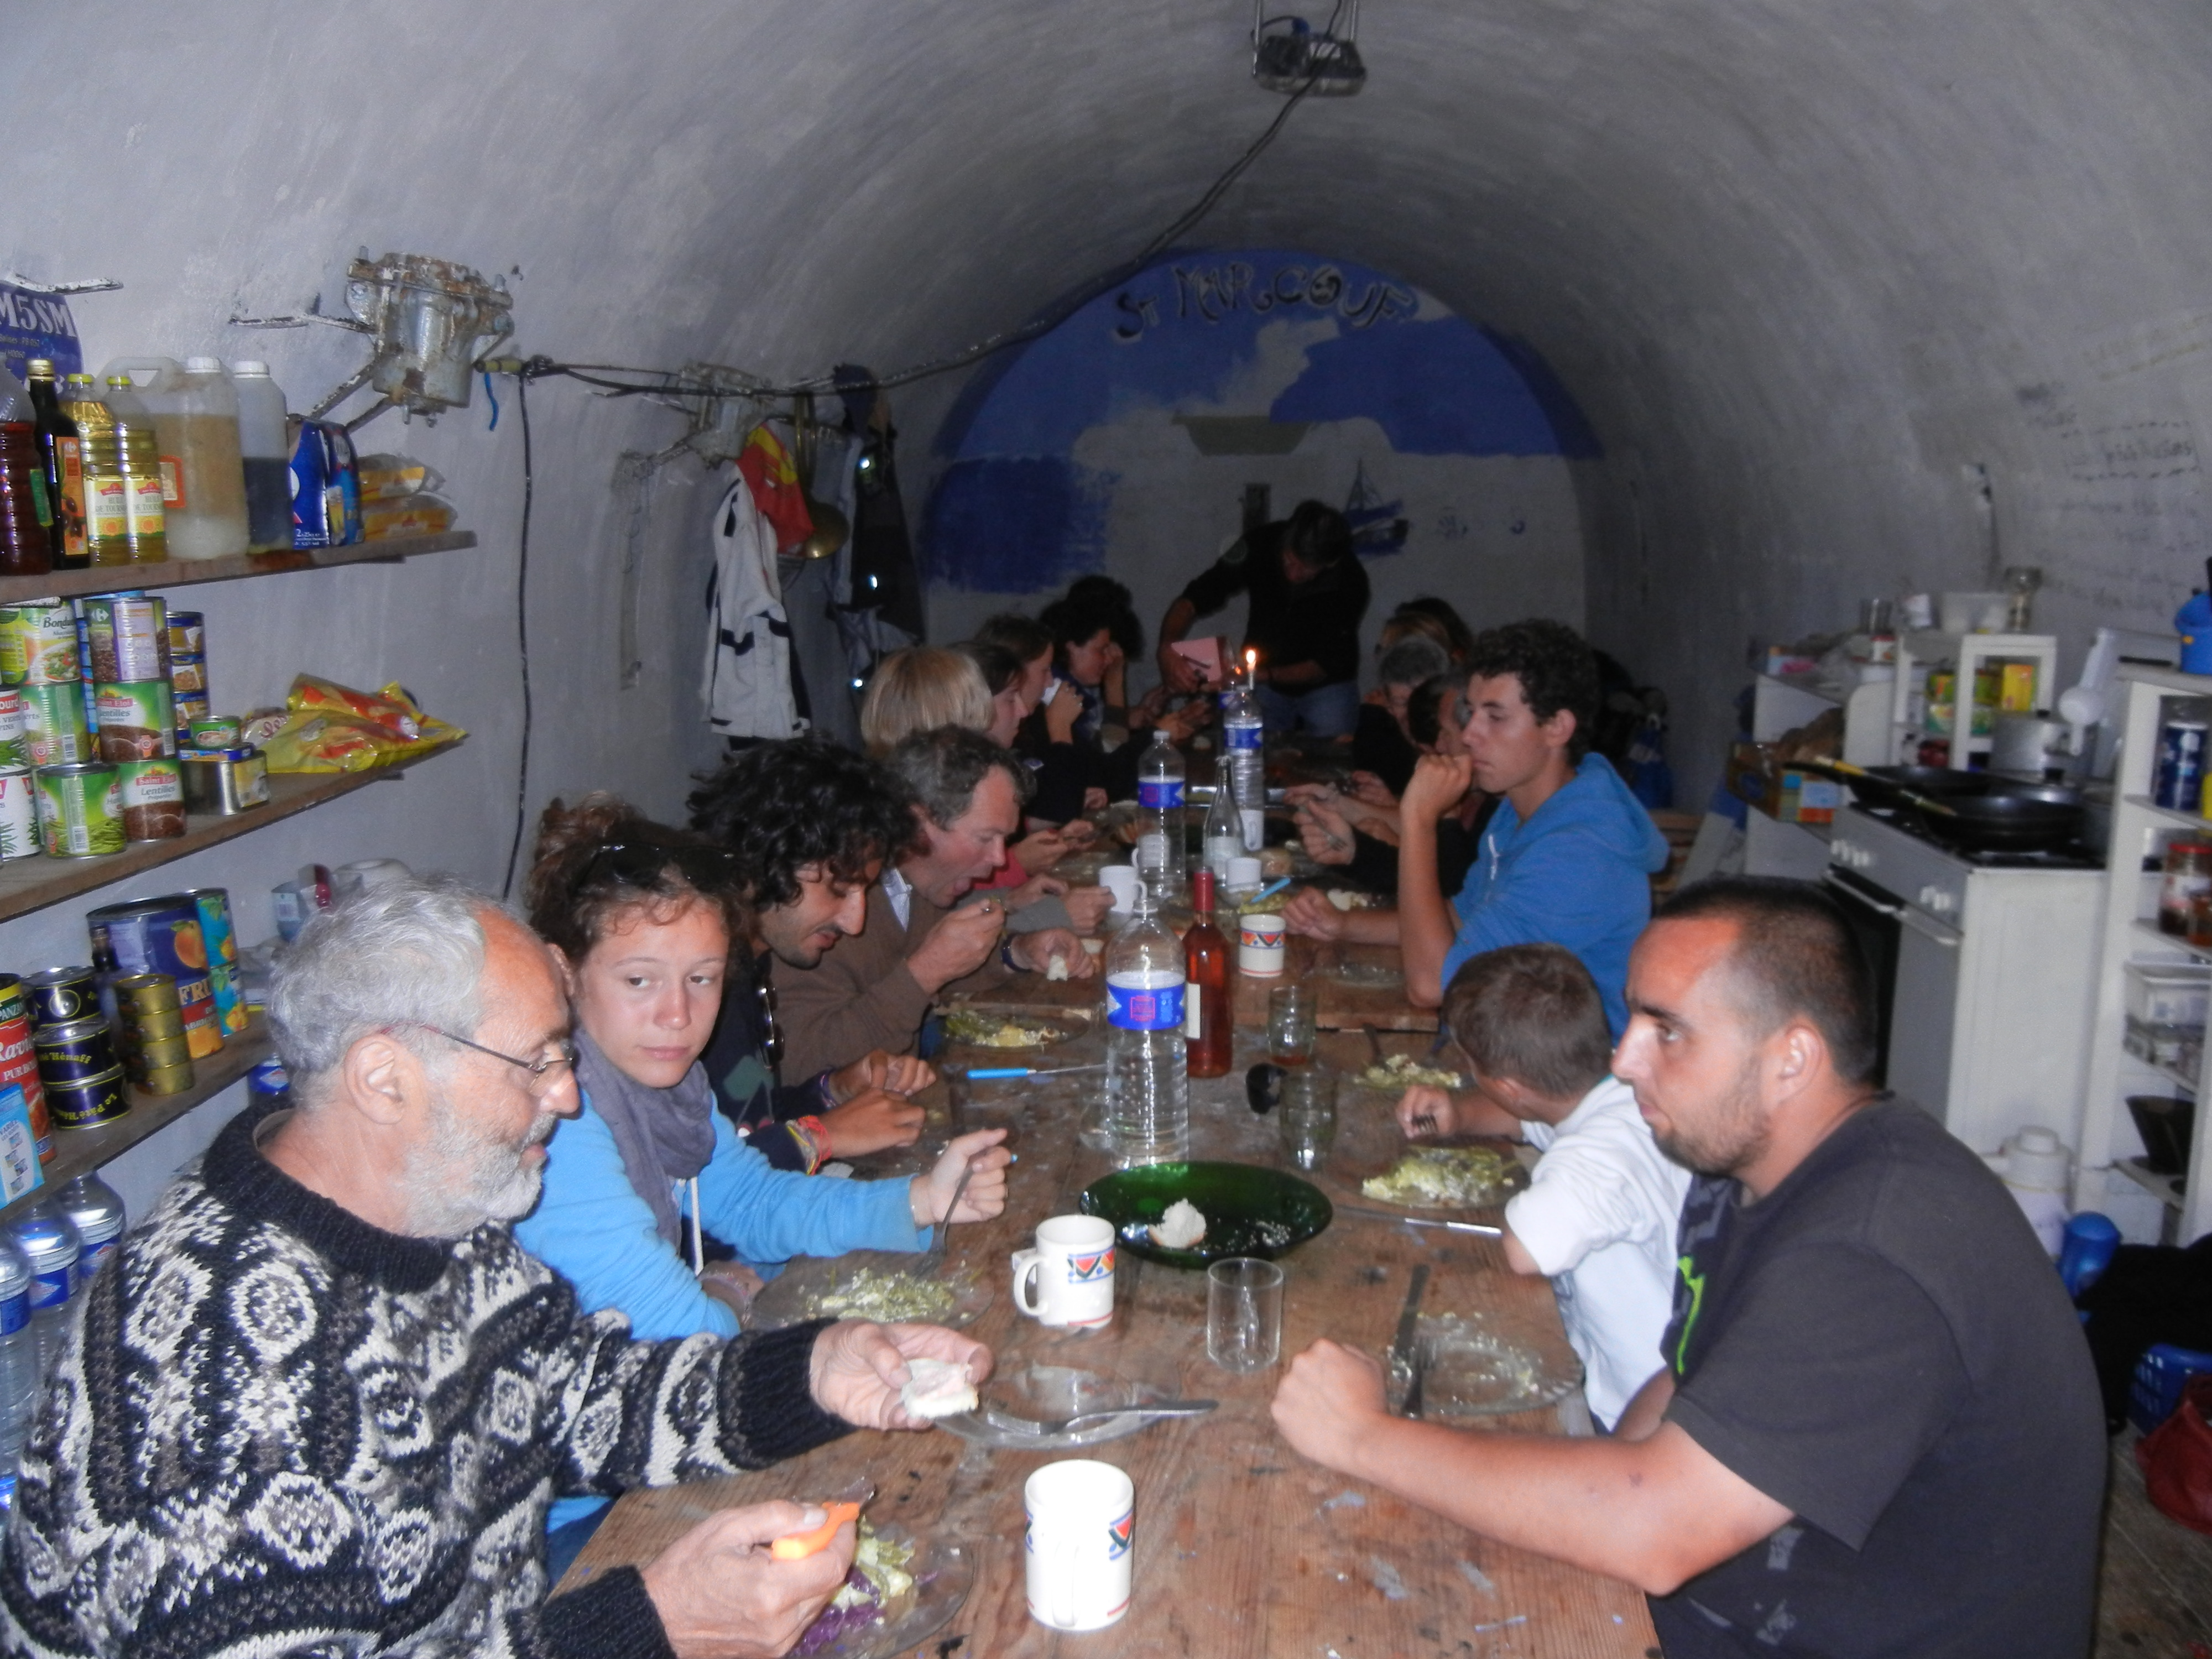 repas-dans-poudriere-chantier-2012